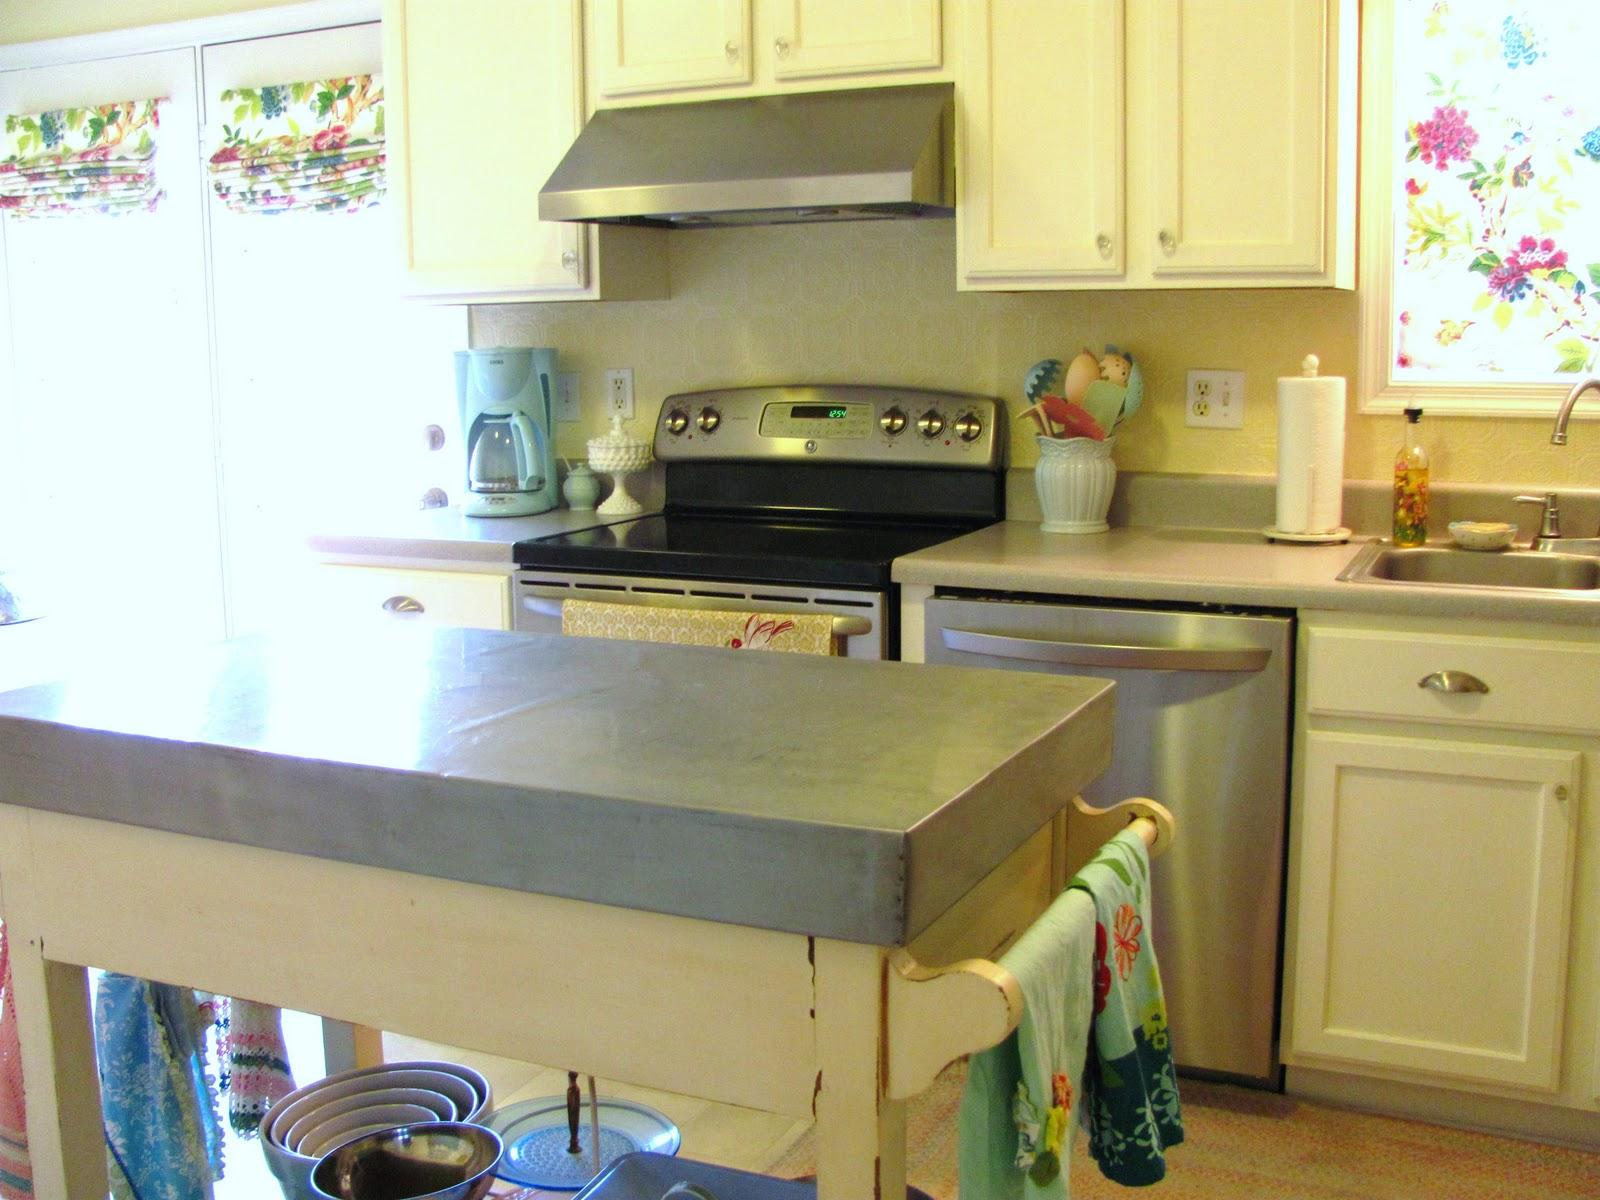 http://3.bp.blogspot.com/_xo7qBBquSuY/TS_FAD1PhcI/AAAAAAAAACc/K-VypdLEBFI/s1600/kitchen6.JPG